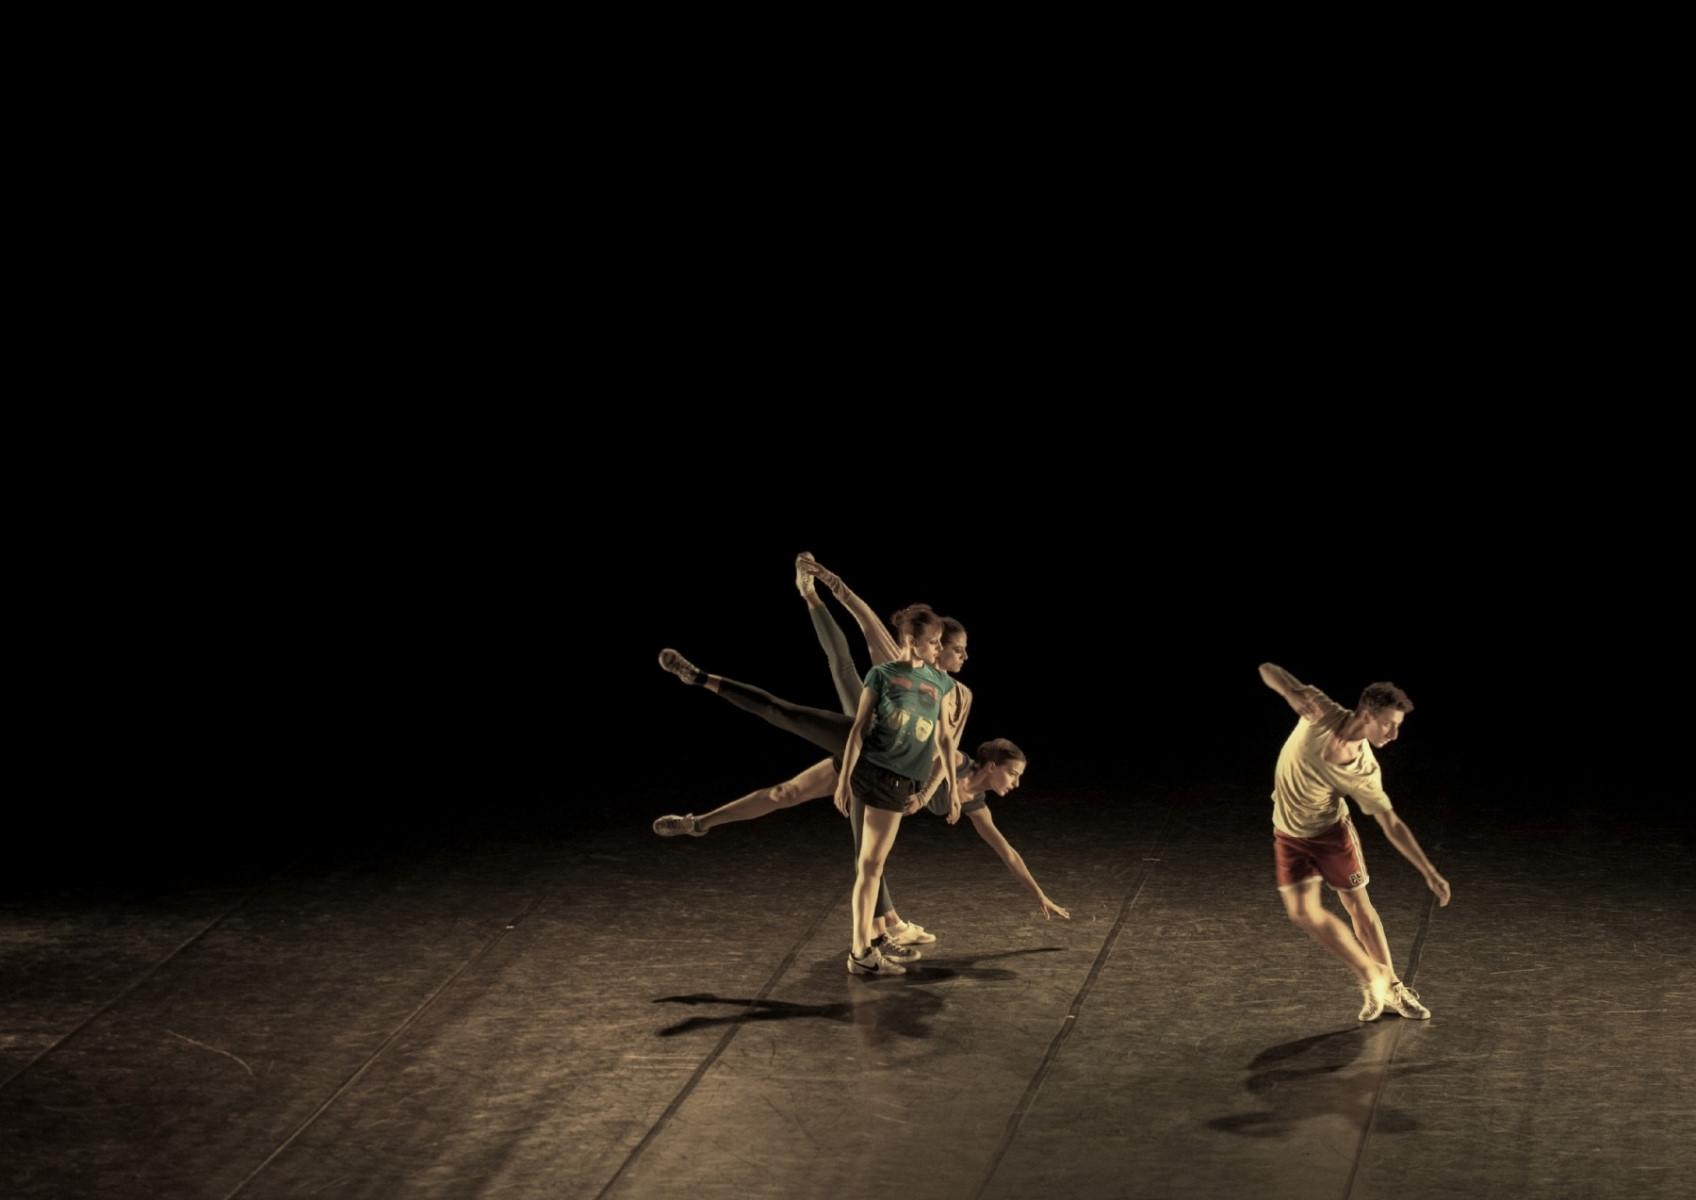 Gabriele-Rossi-102 Dance